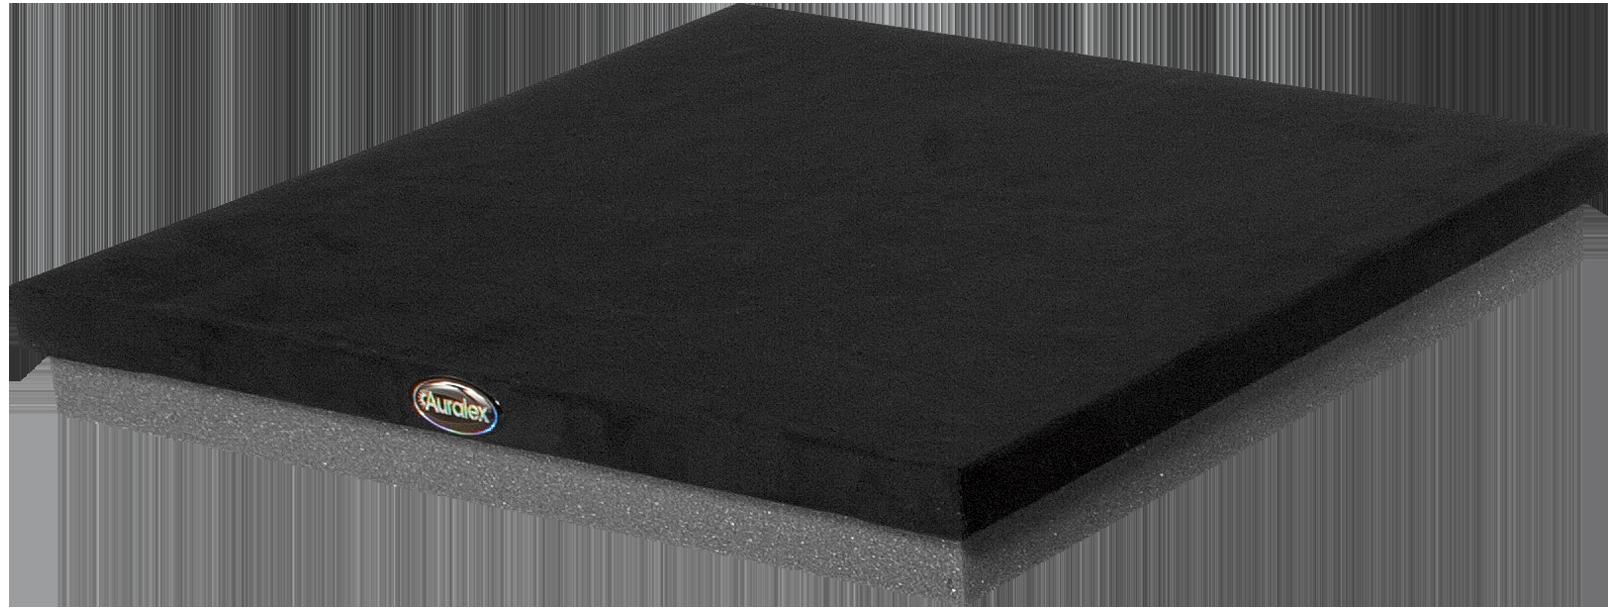 Auralex SUBDUDE V2 Subdude Attenuator (38x38cm)